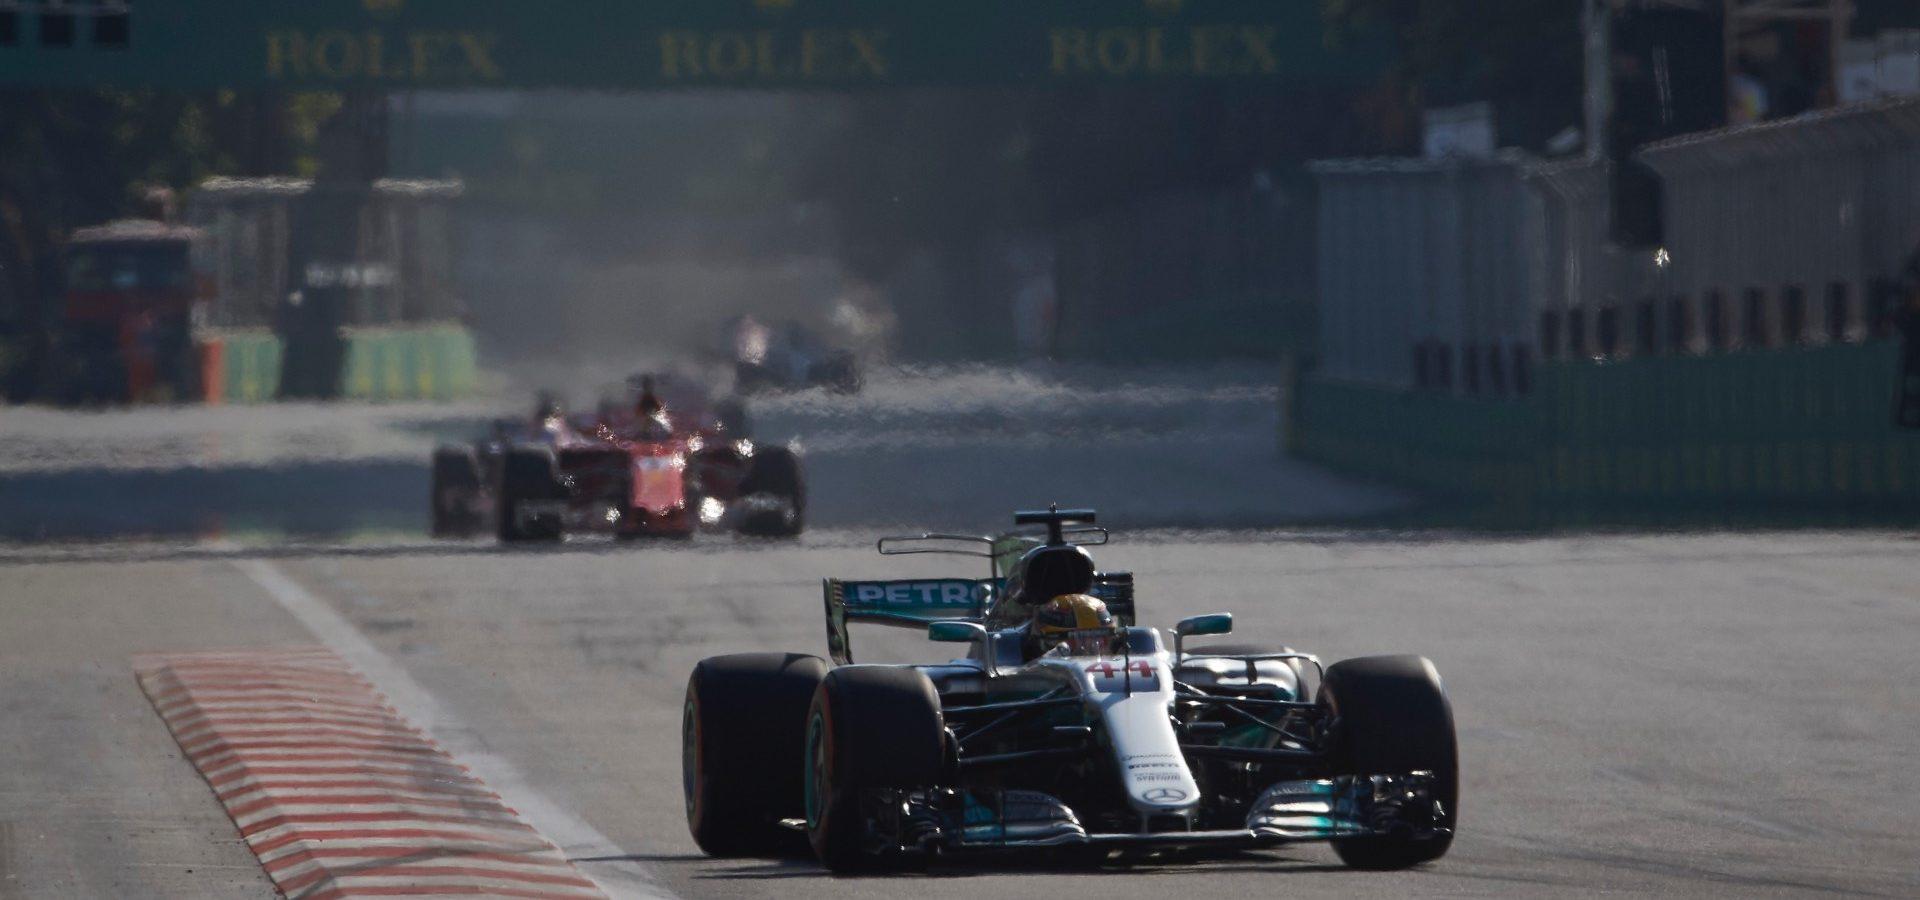 2017 Azerbaijan Grand Prix, Sunday - Steve Etherington